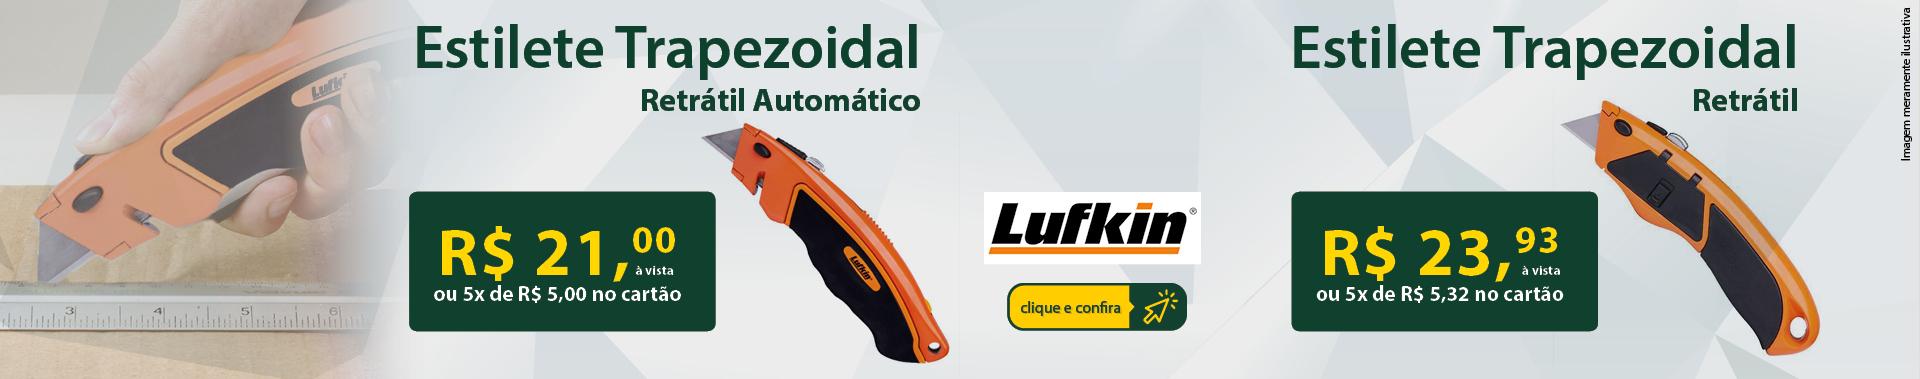 Estilete Trapezoidal Retrátil Automático Lufkin.